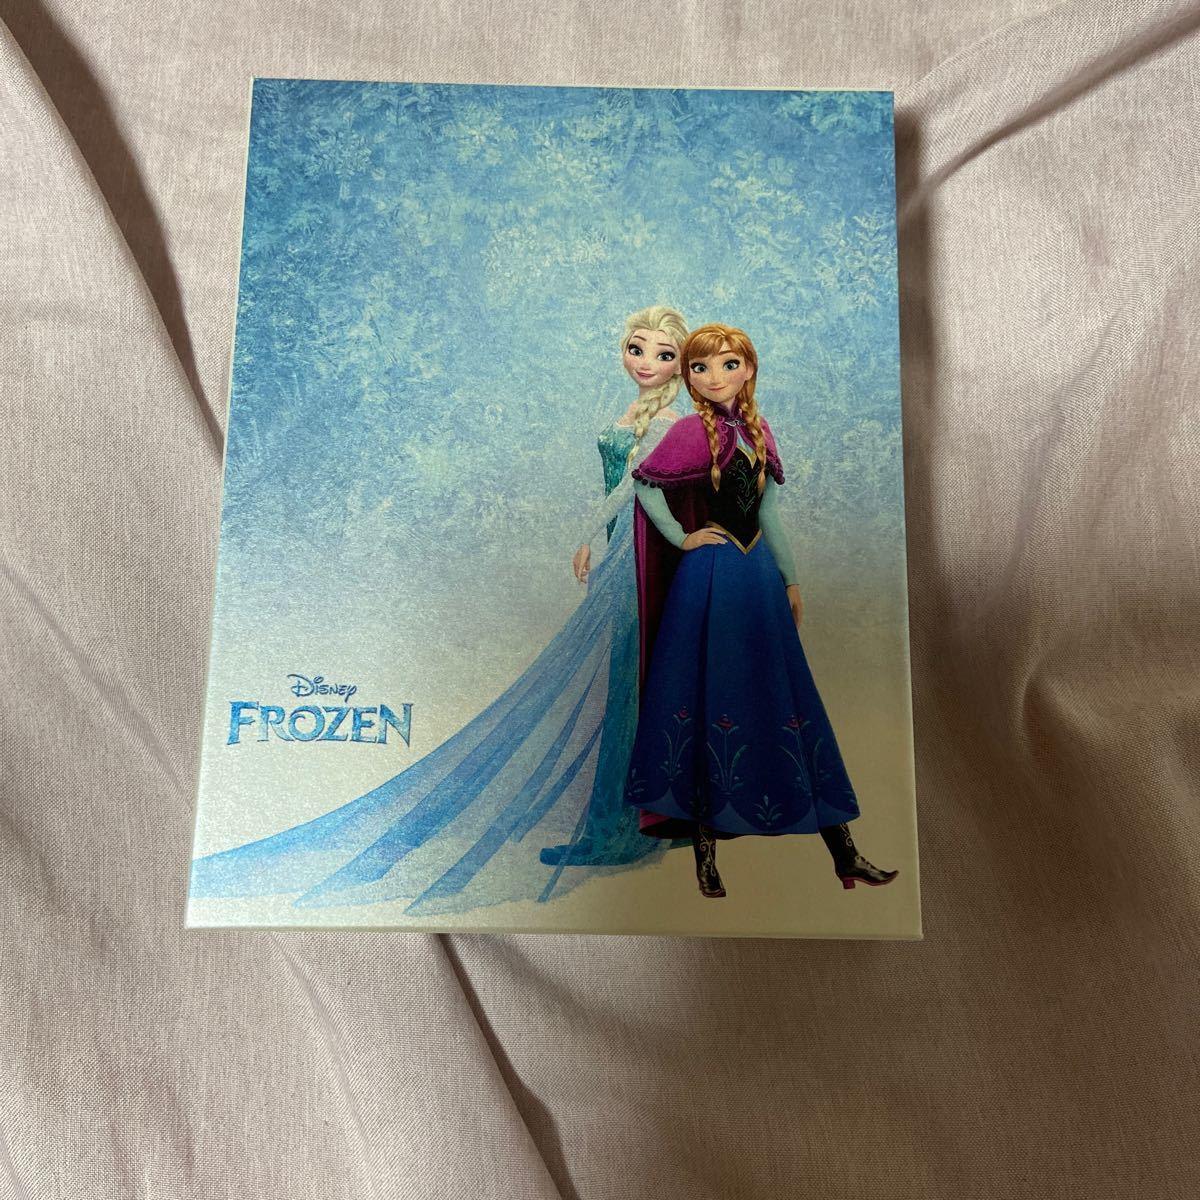 コンプリートケース付 ディズニー映画 Blu-ray+DVD/アナと雪の女王2 MovieNEX コンプリートケース付